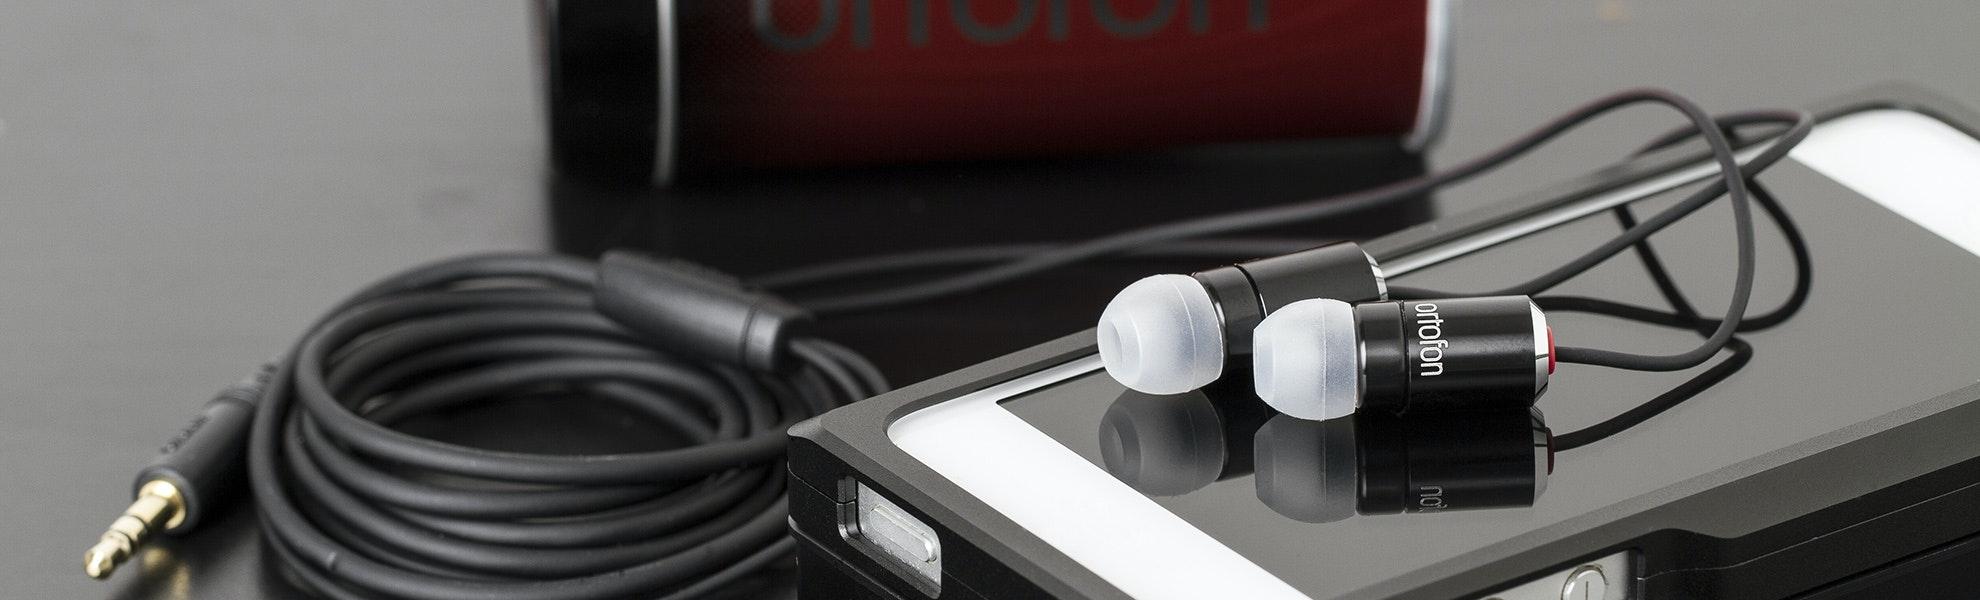 Ortofon e-Q5 Balanced Armature IEM